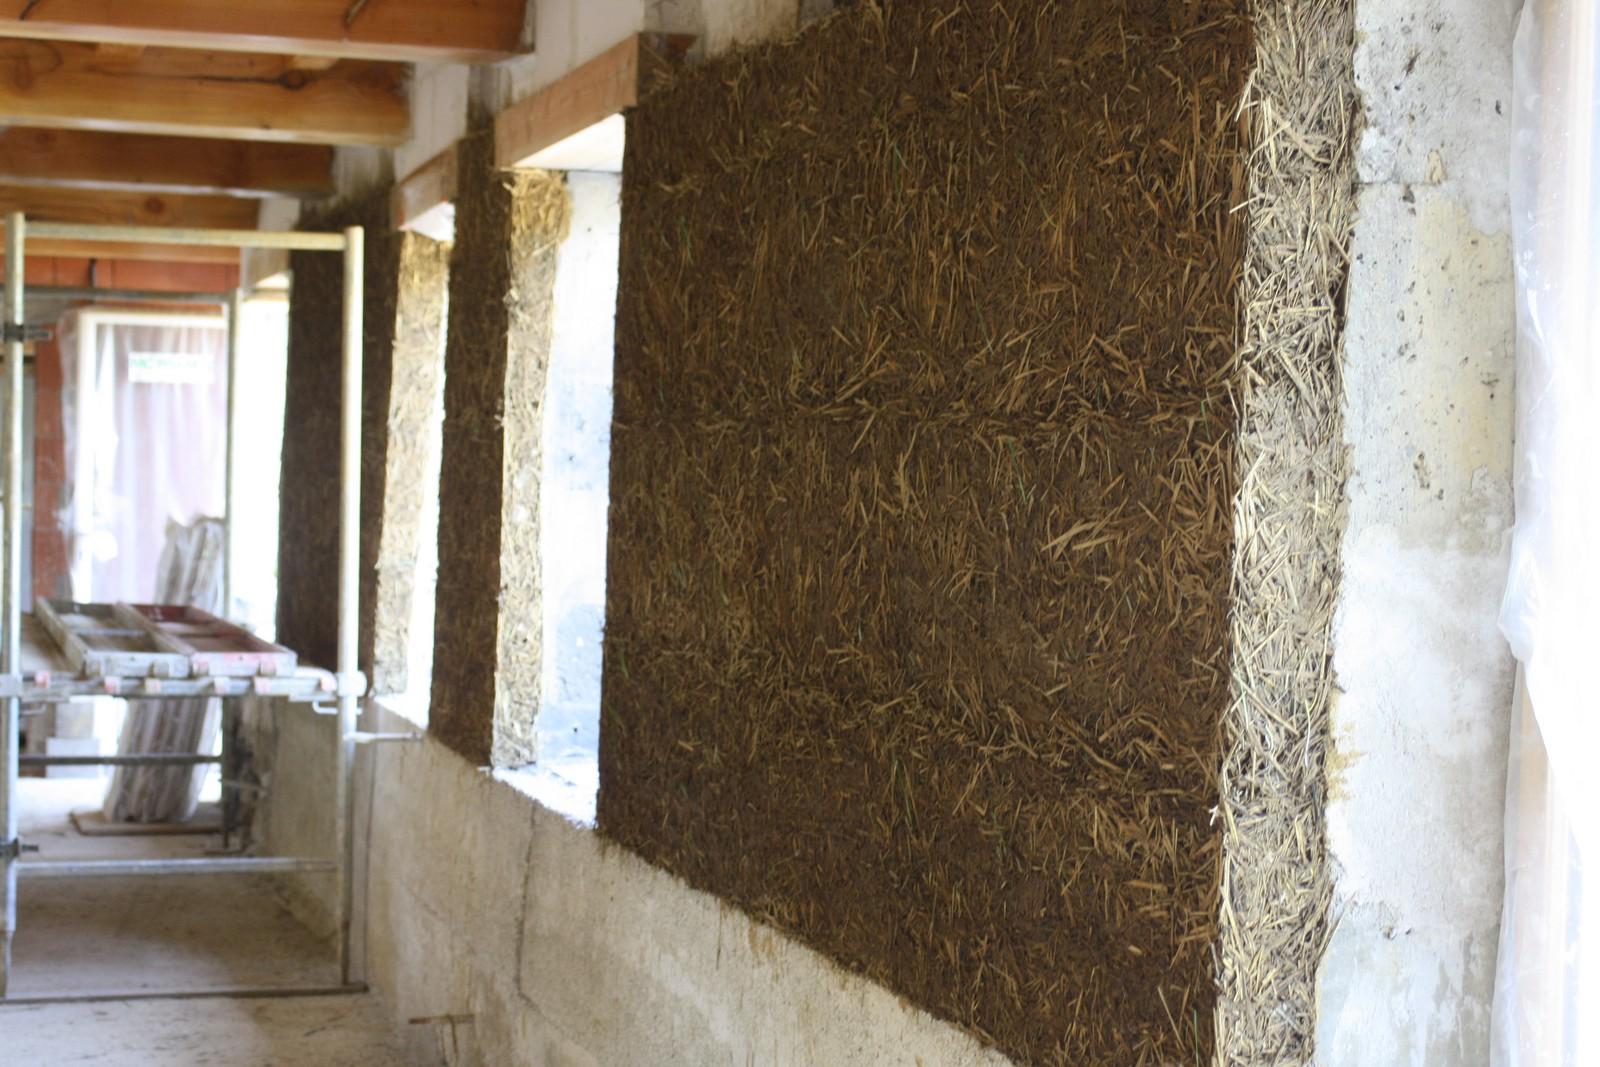 Isolation Mur Exterieur Renovation isolation naturelle